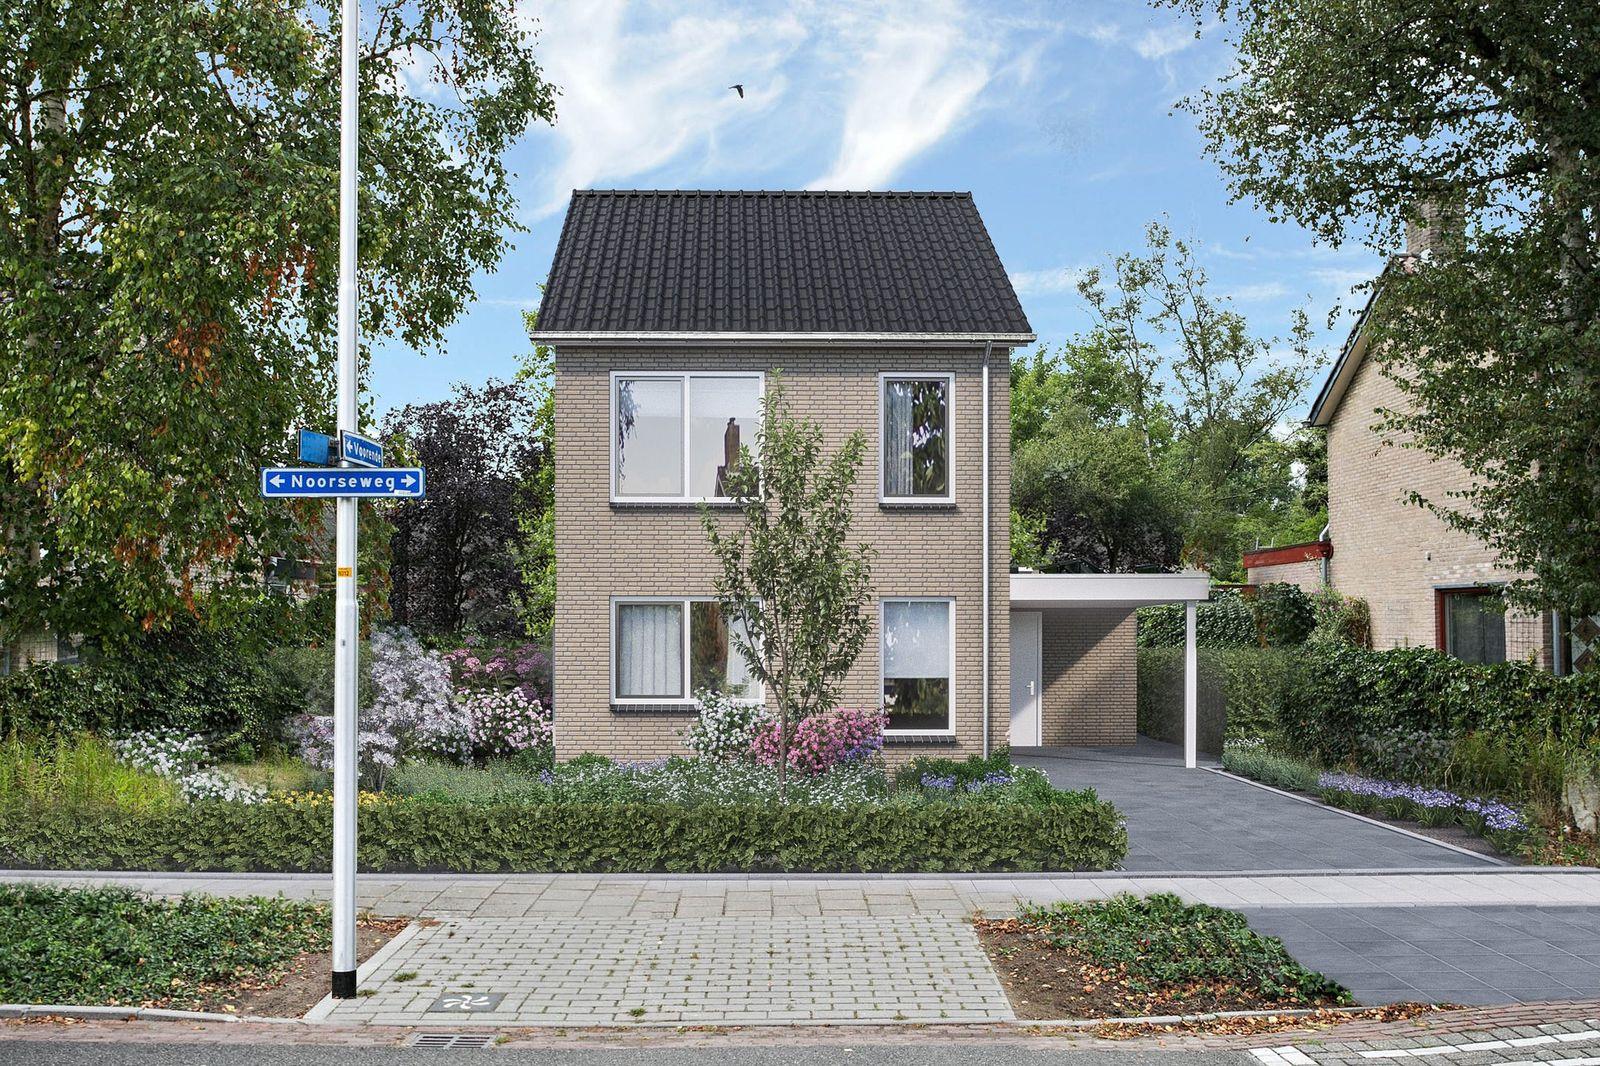 Noorseweg 13-a, Gorssel